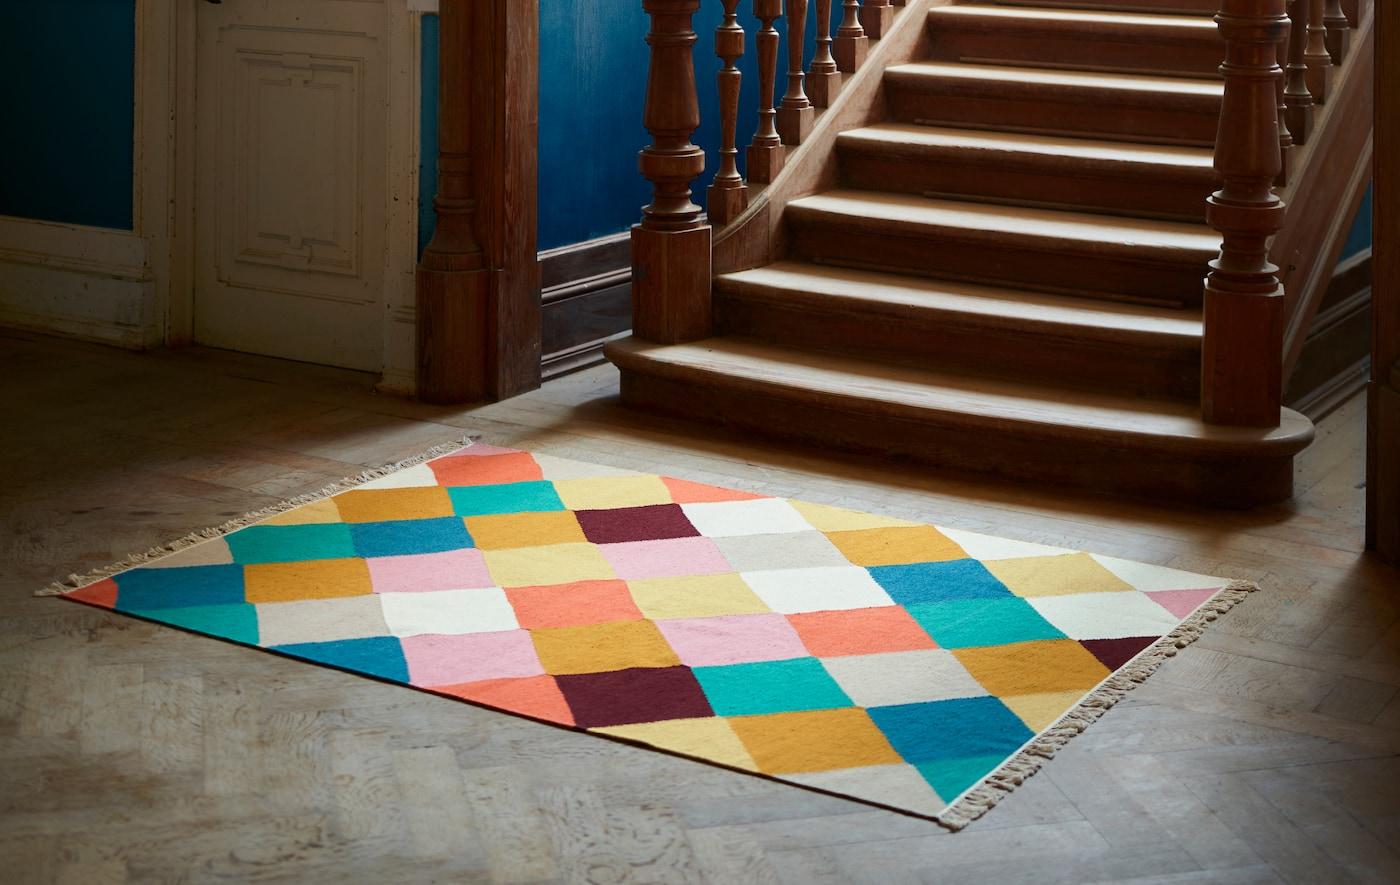 VINDERÖD tepih sa šarenom, kariranom šarom leži na osnovi stepeništa u tamnom drvetu, s raskošnim detaljima.